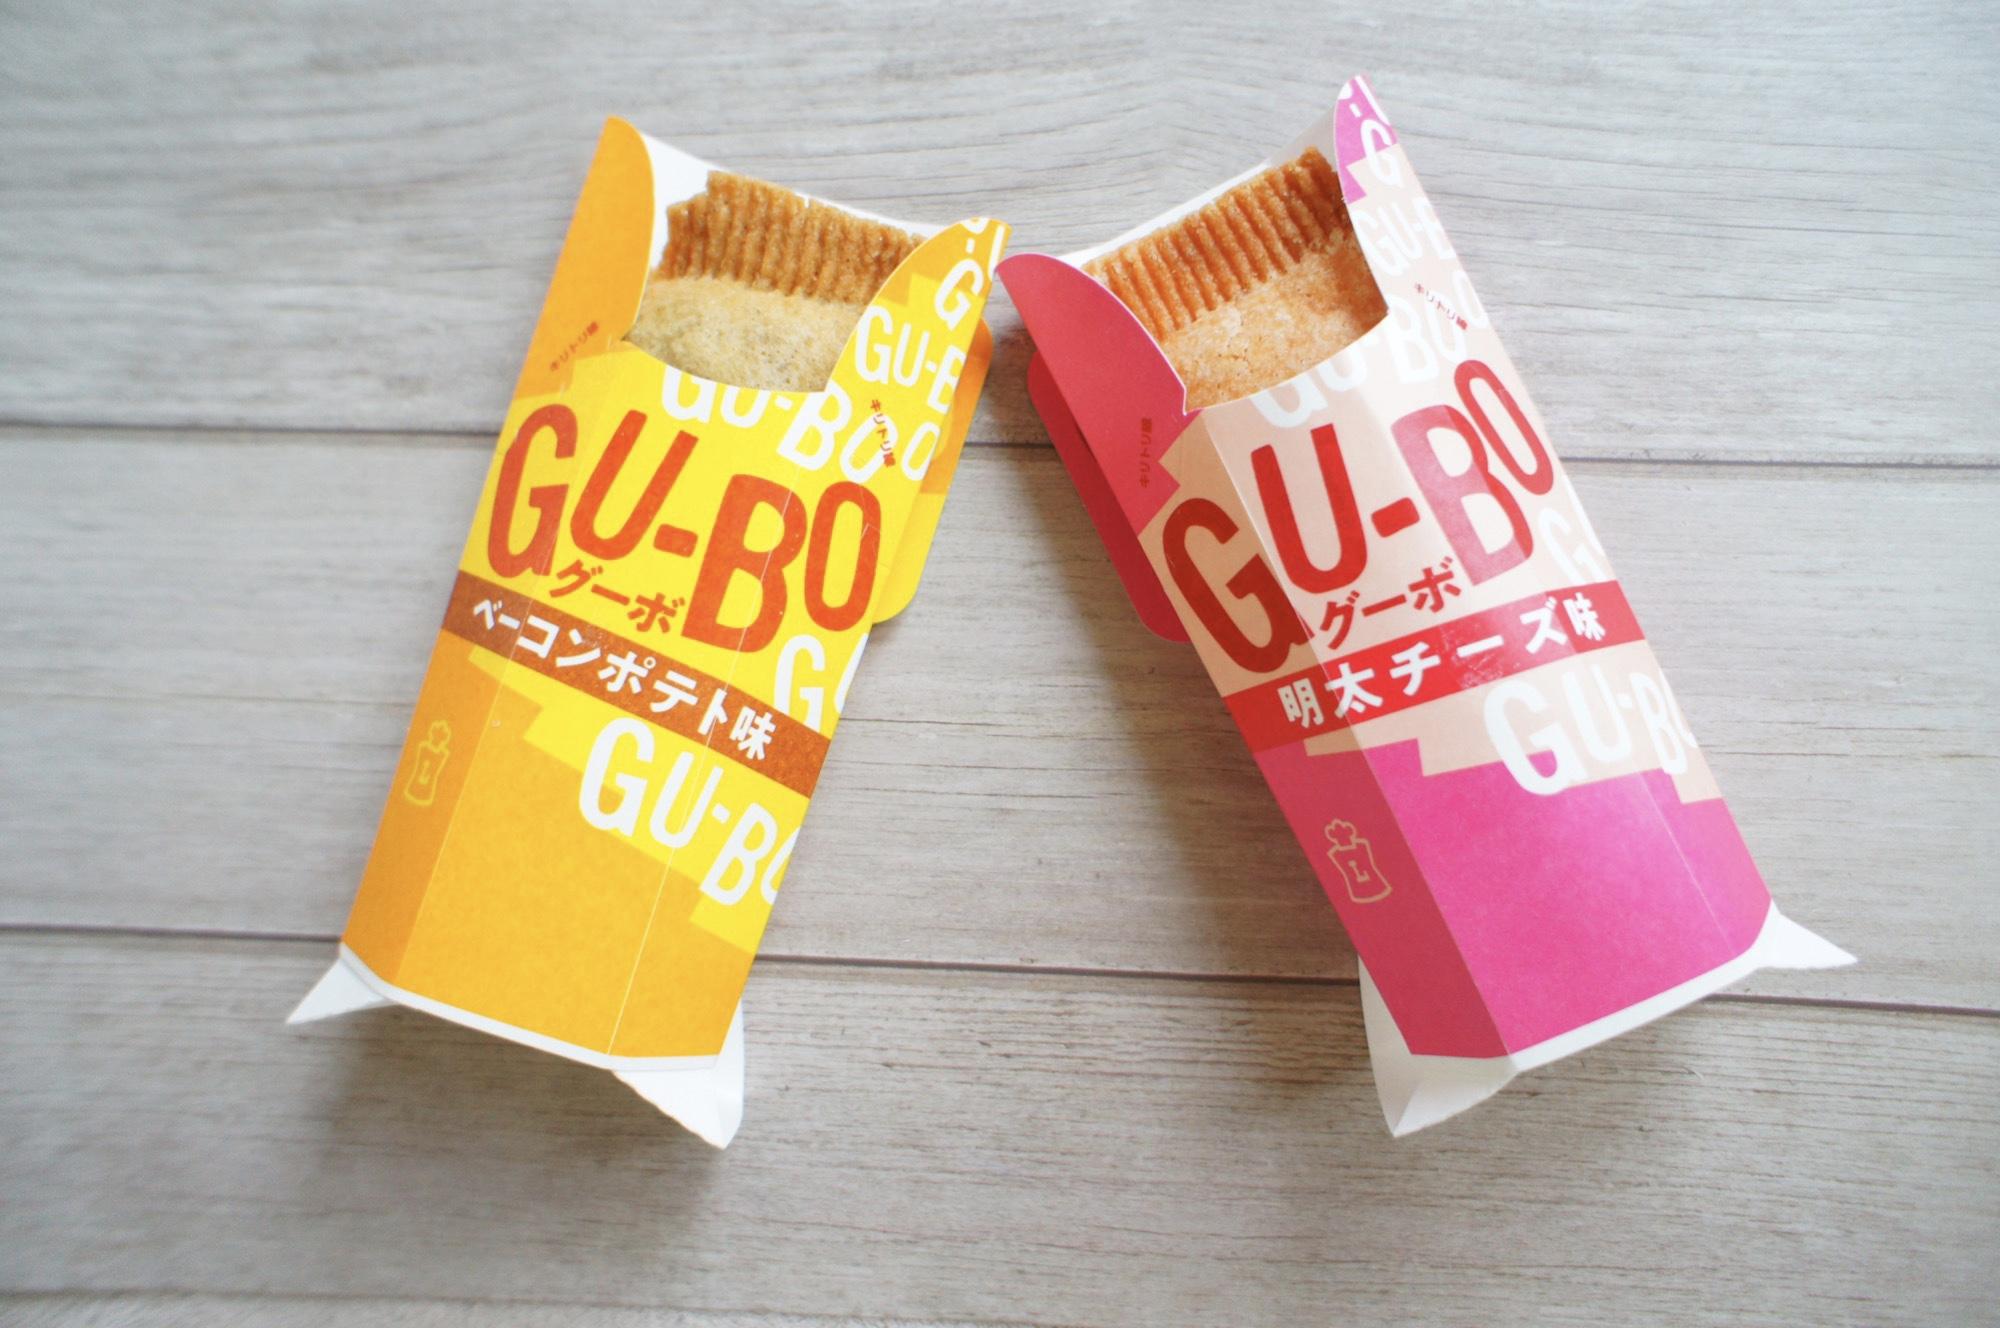 《発売2日で100万個突破❤️》もう食べた?【ローソン】GU-BO(グーボ)が美味しすぎる☻!_6